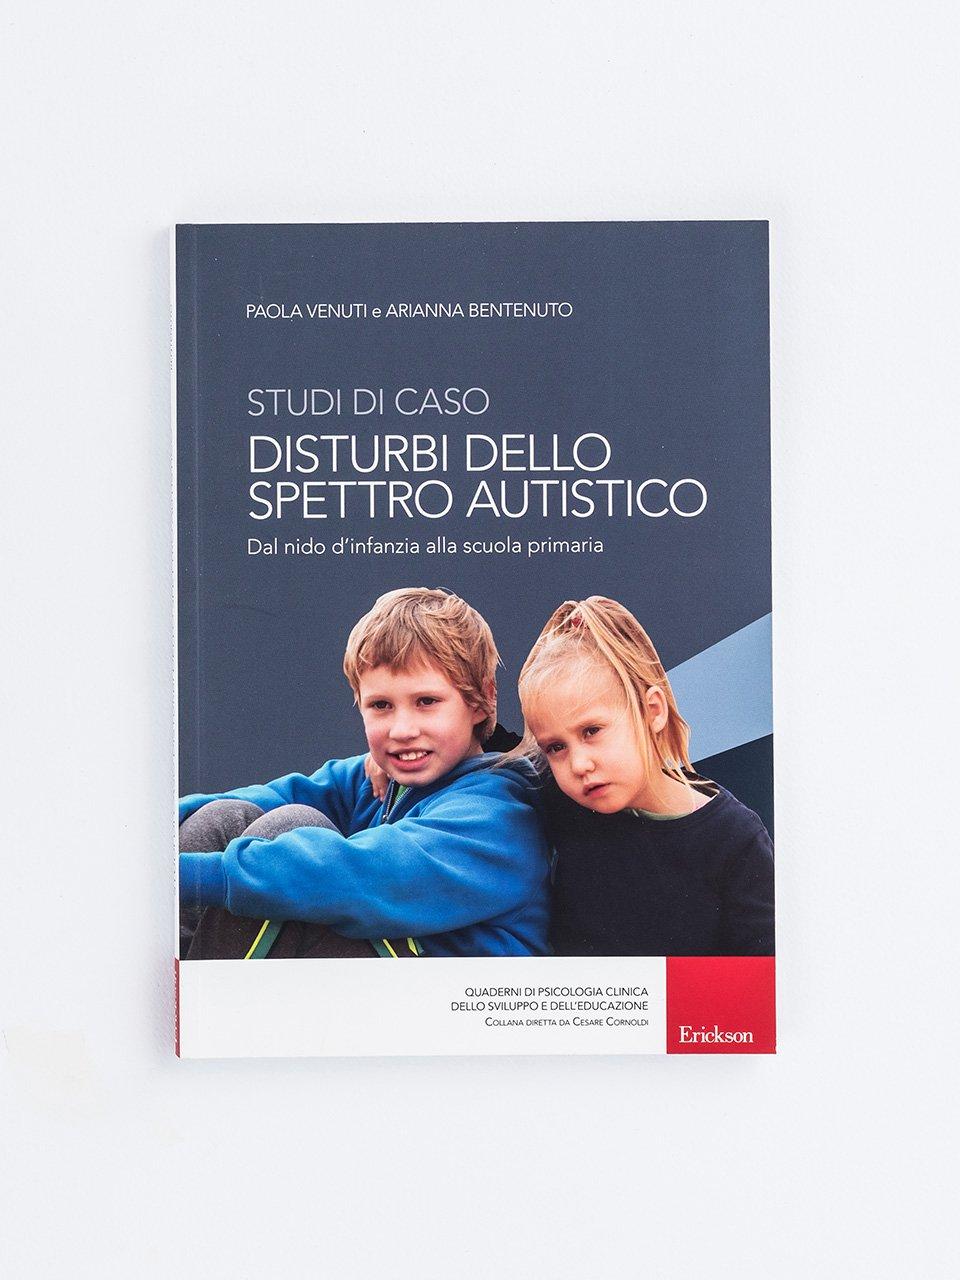 Studi di caso - Disturbi dello spettro autistico - Che cos'è il disturbo socio-pragmatico della comunicazione - Erickson